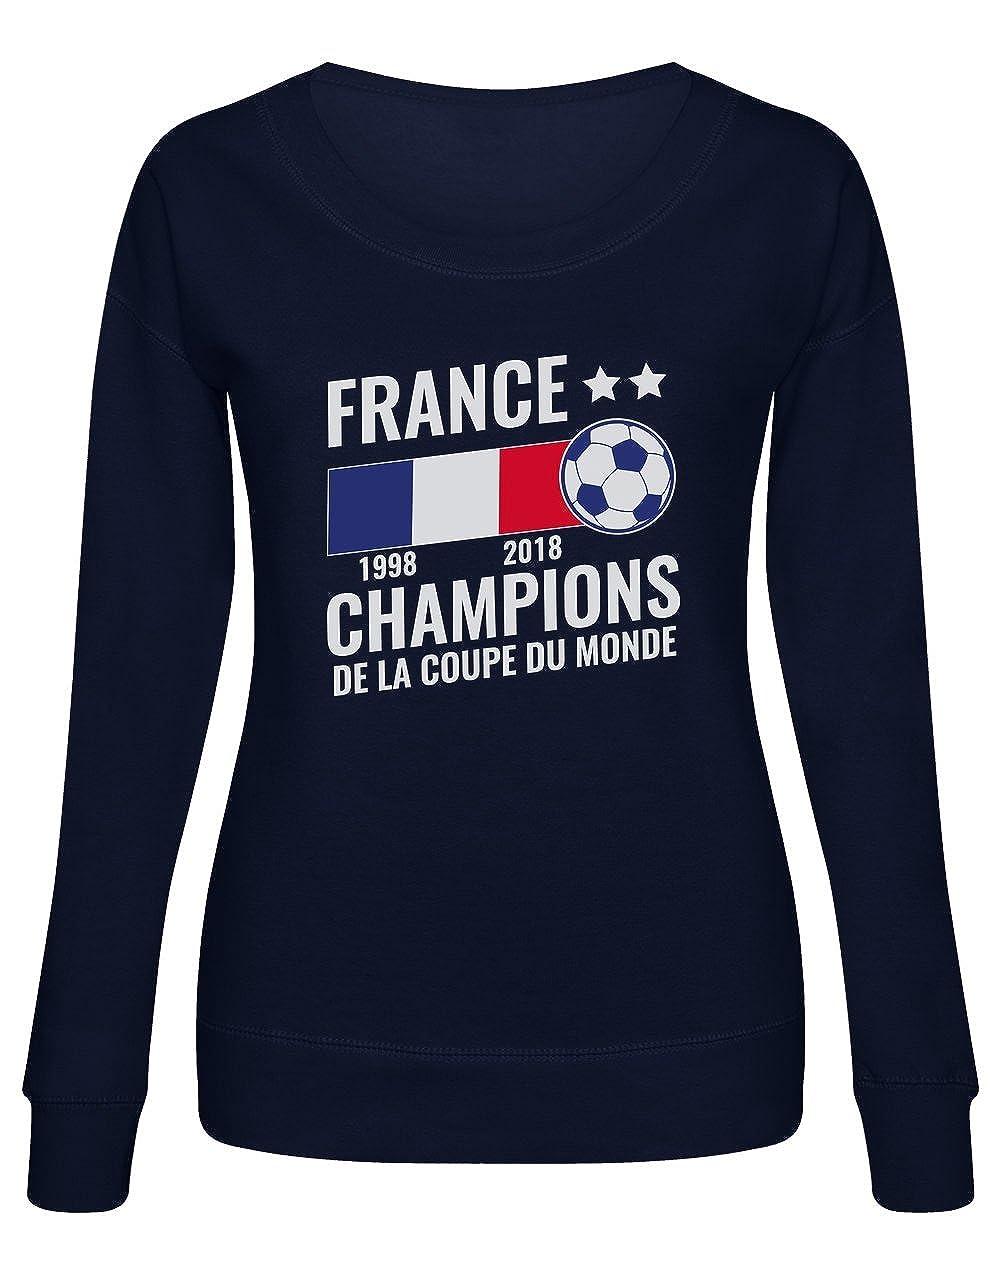 plus près de clair et distinctif emballage élégant et robuste Green Turtle T-Shirts France Vainqueur Coupe du Monde de ...